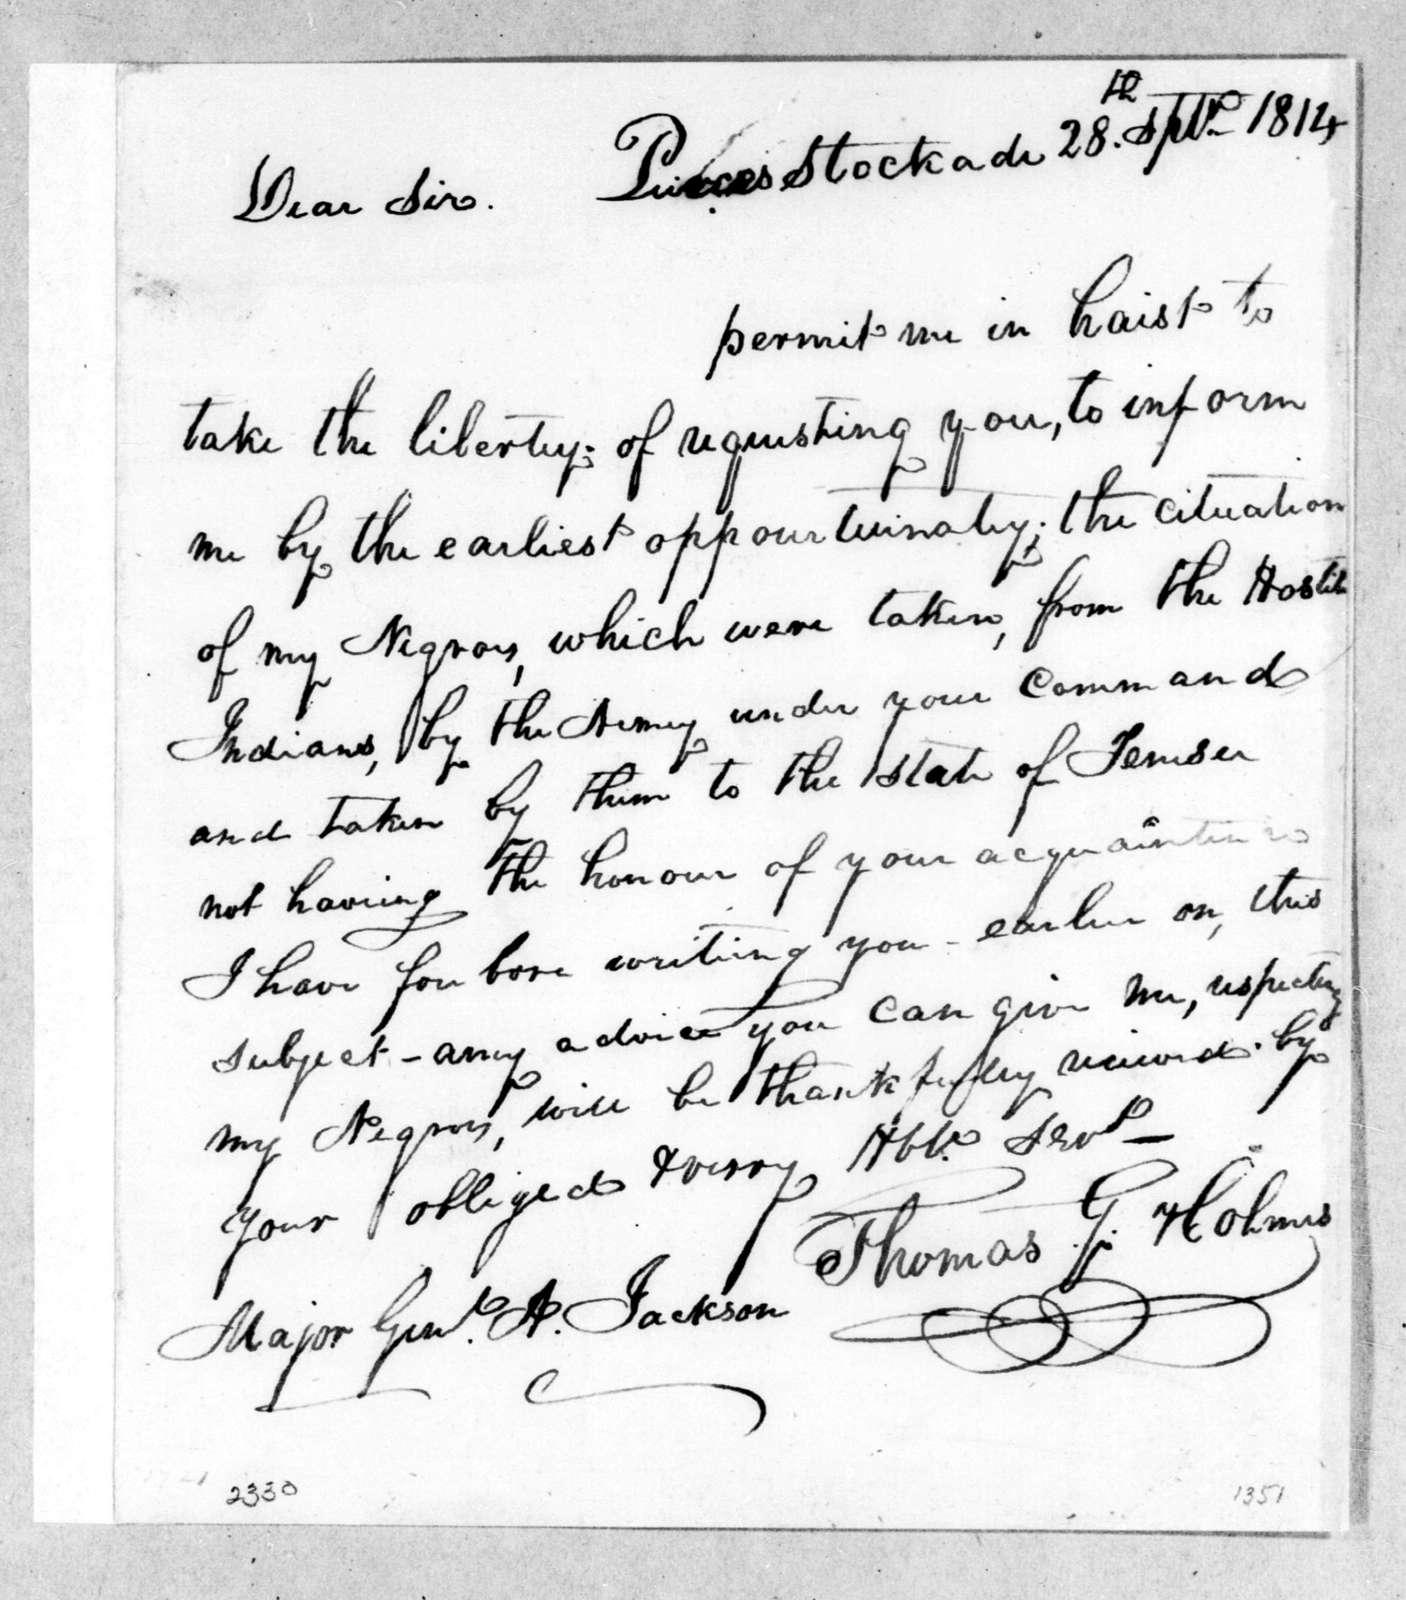 Thomas G. Holmes to Andrew Jackson, September 28, 1814